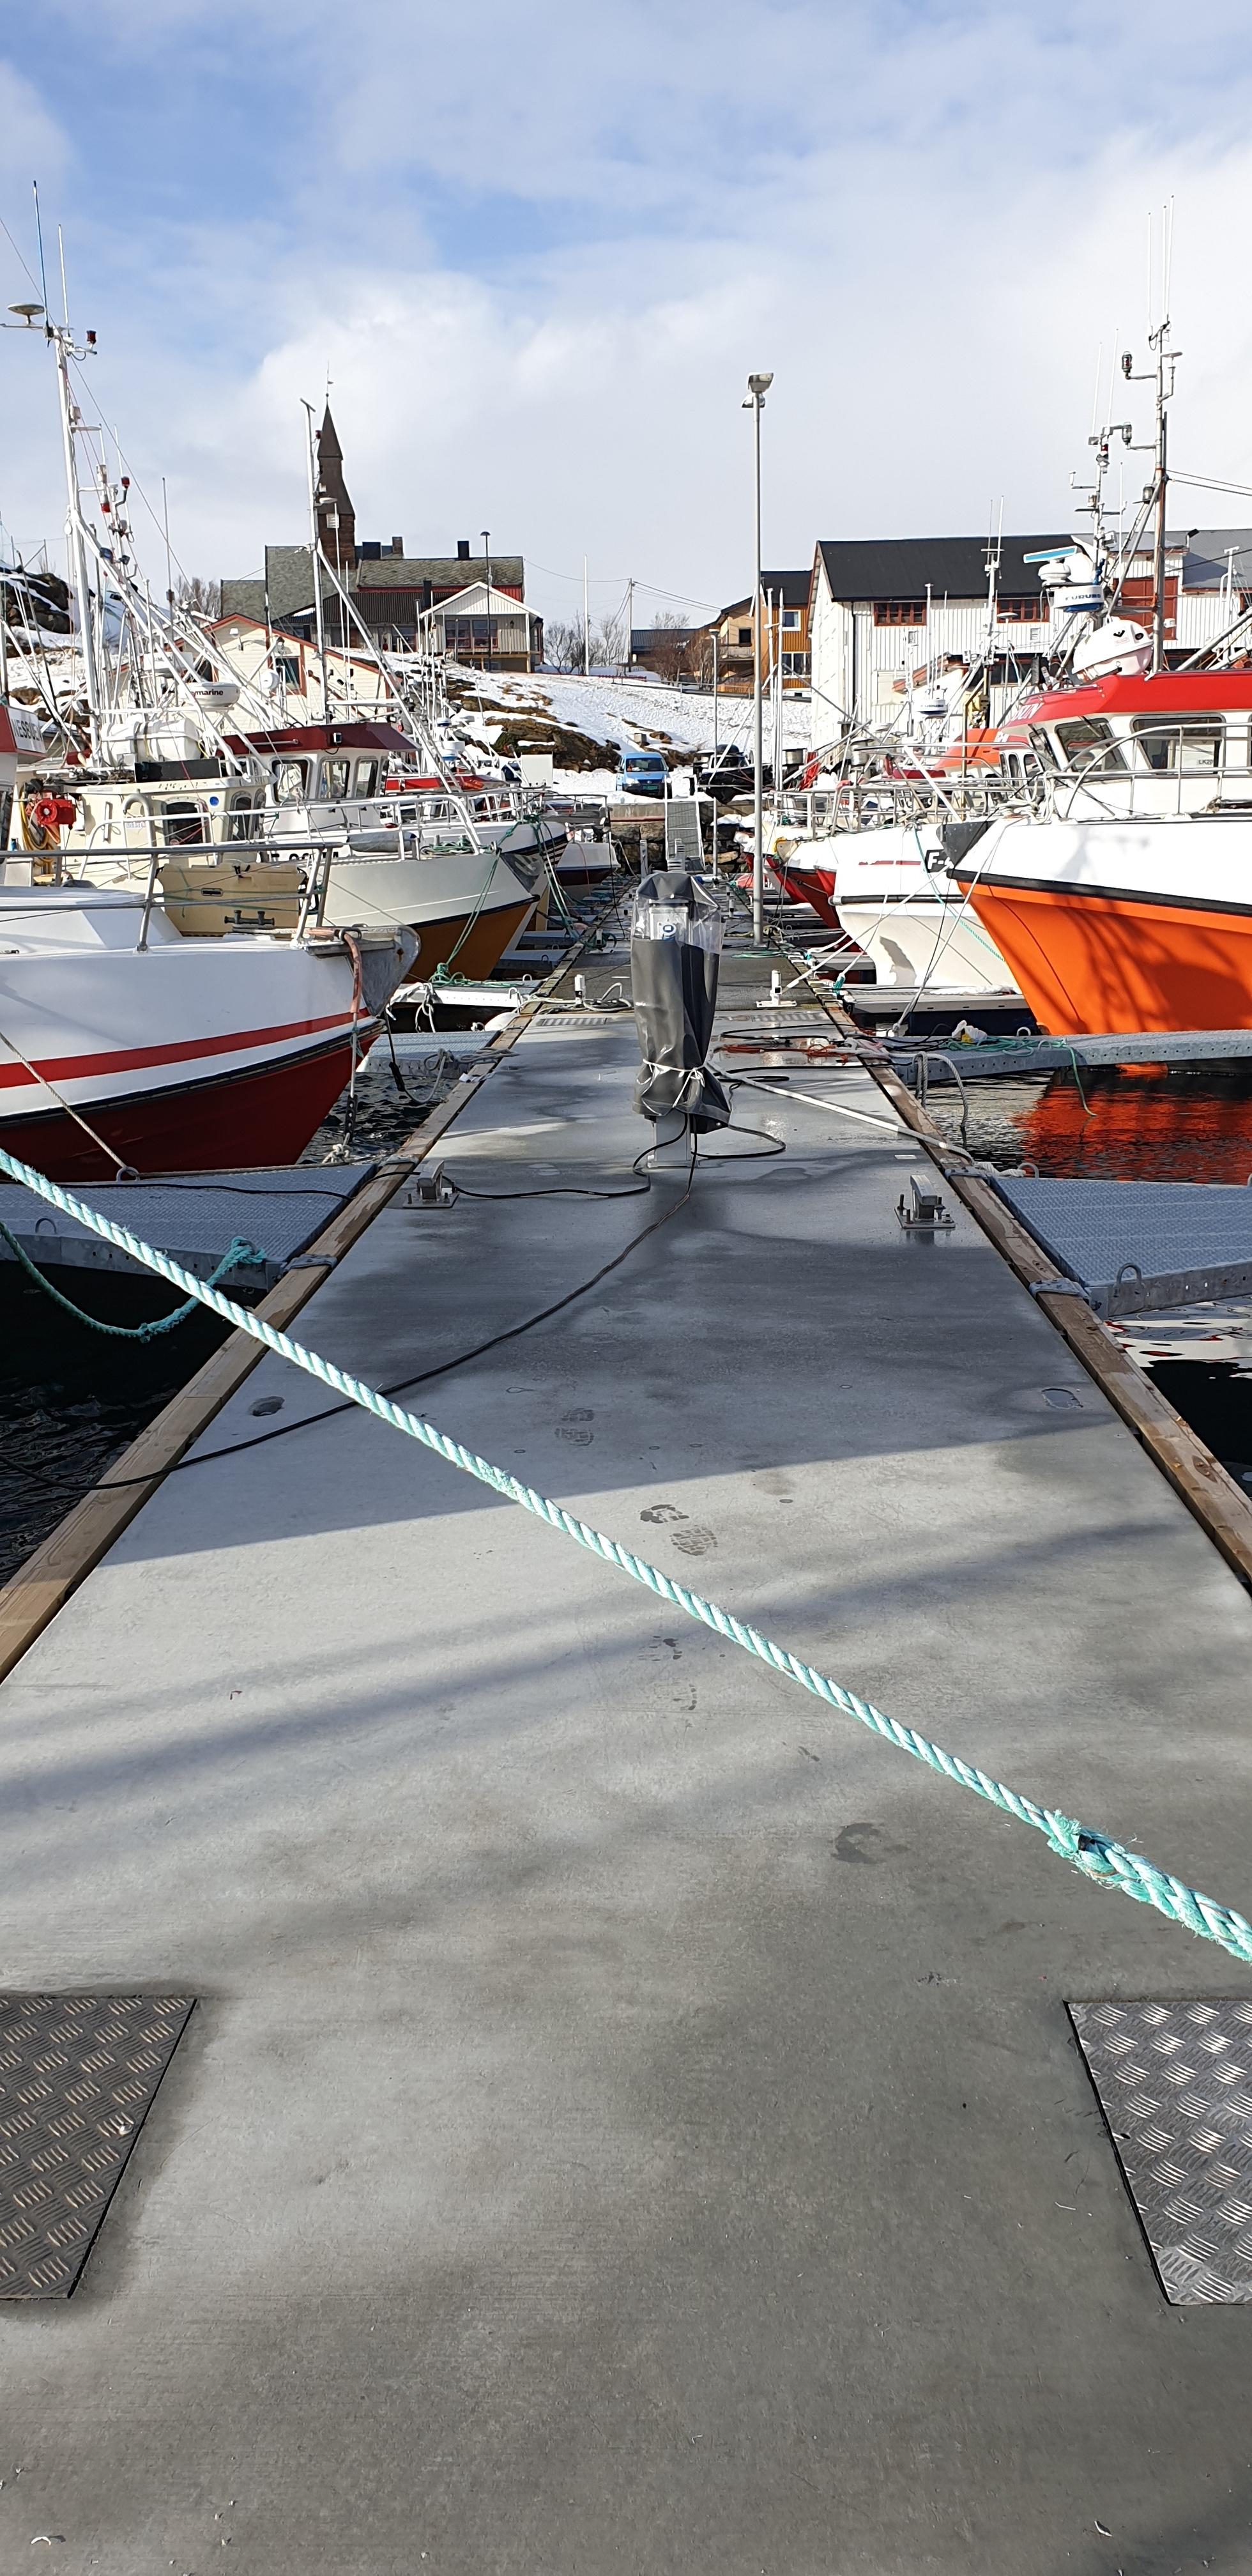 https://marinasolutions.no/uploads/20190328_140050-Havøysund.jpg